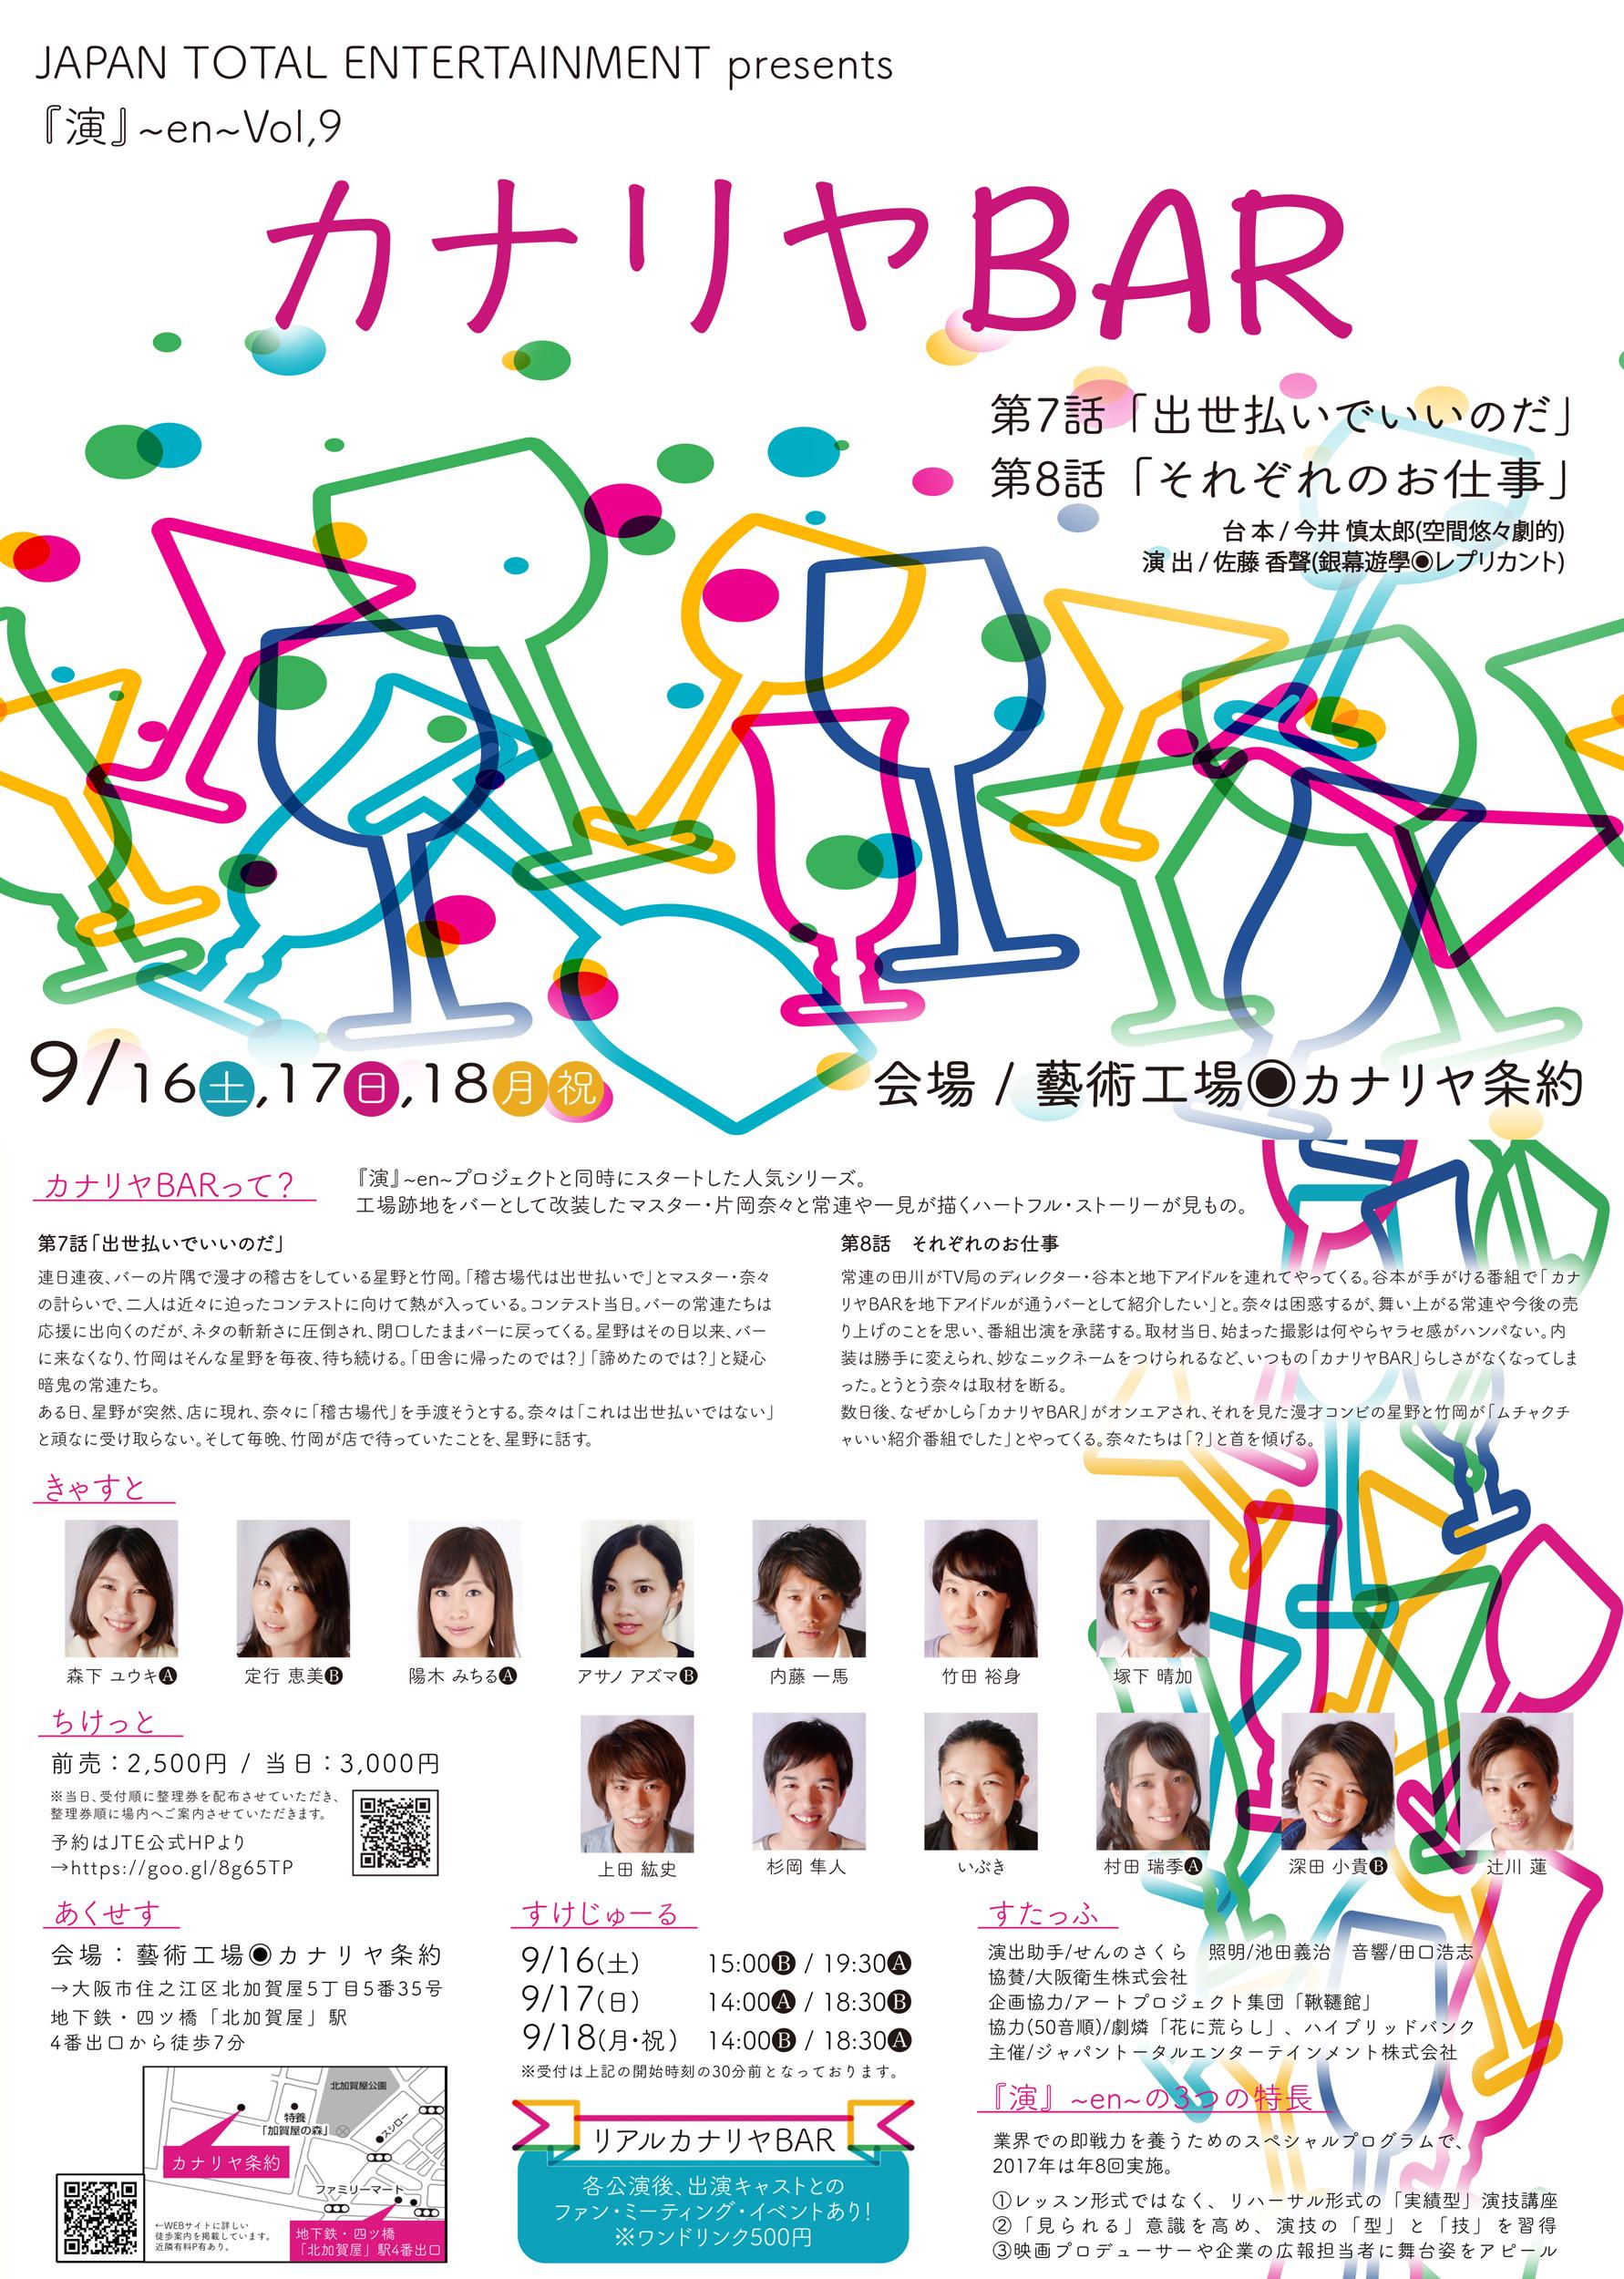 『演』~en~Vol,9「カナリヤBAR」 第7.8話